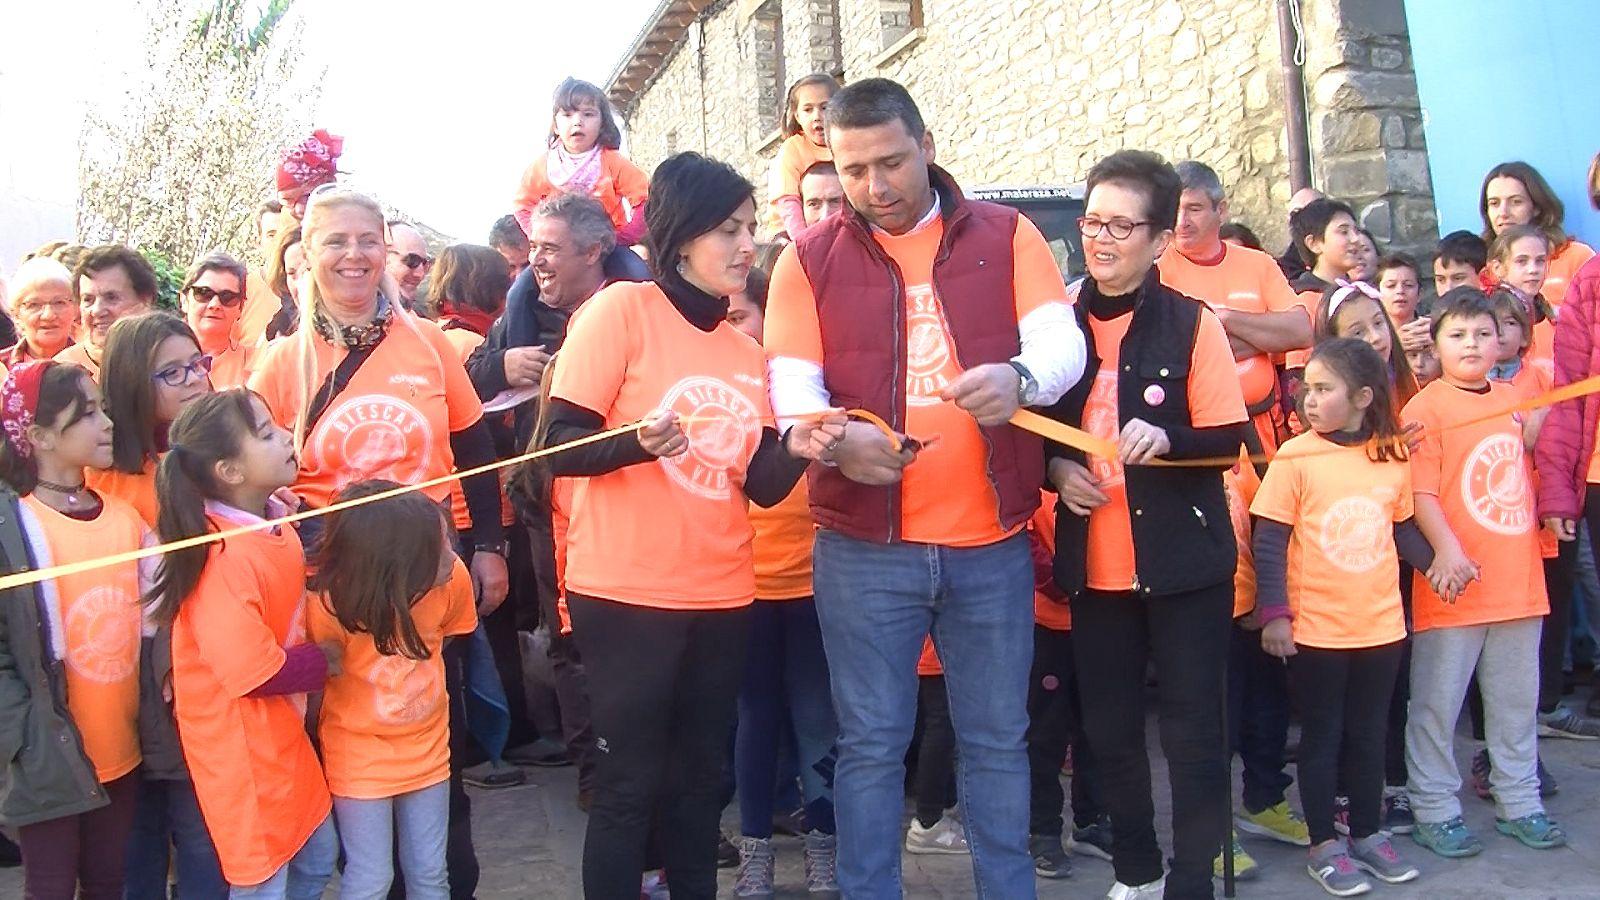 El alcalde de Fiscal cortando la cinta. Foto: SobrarbeDigital